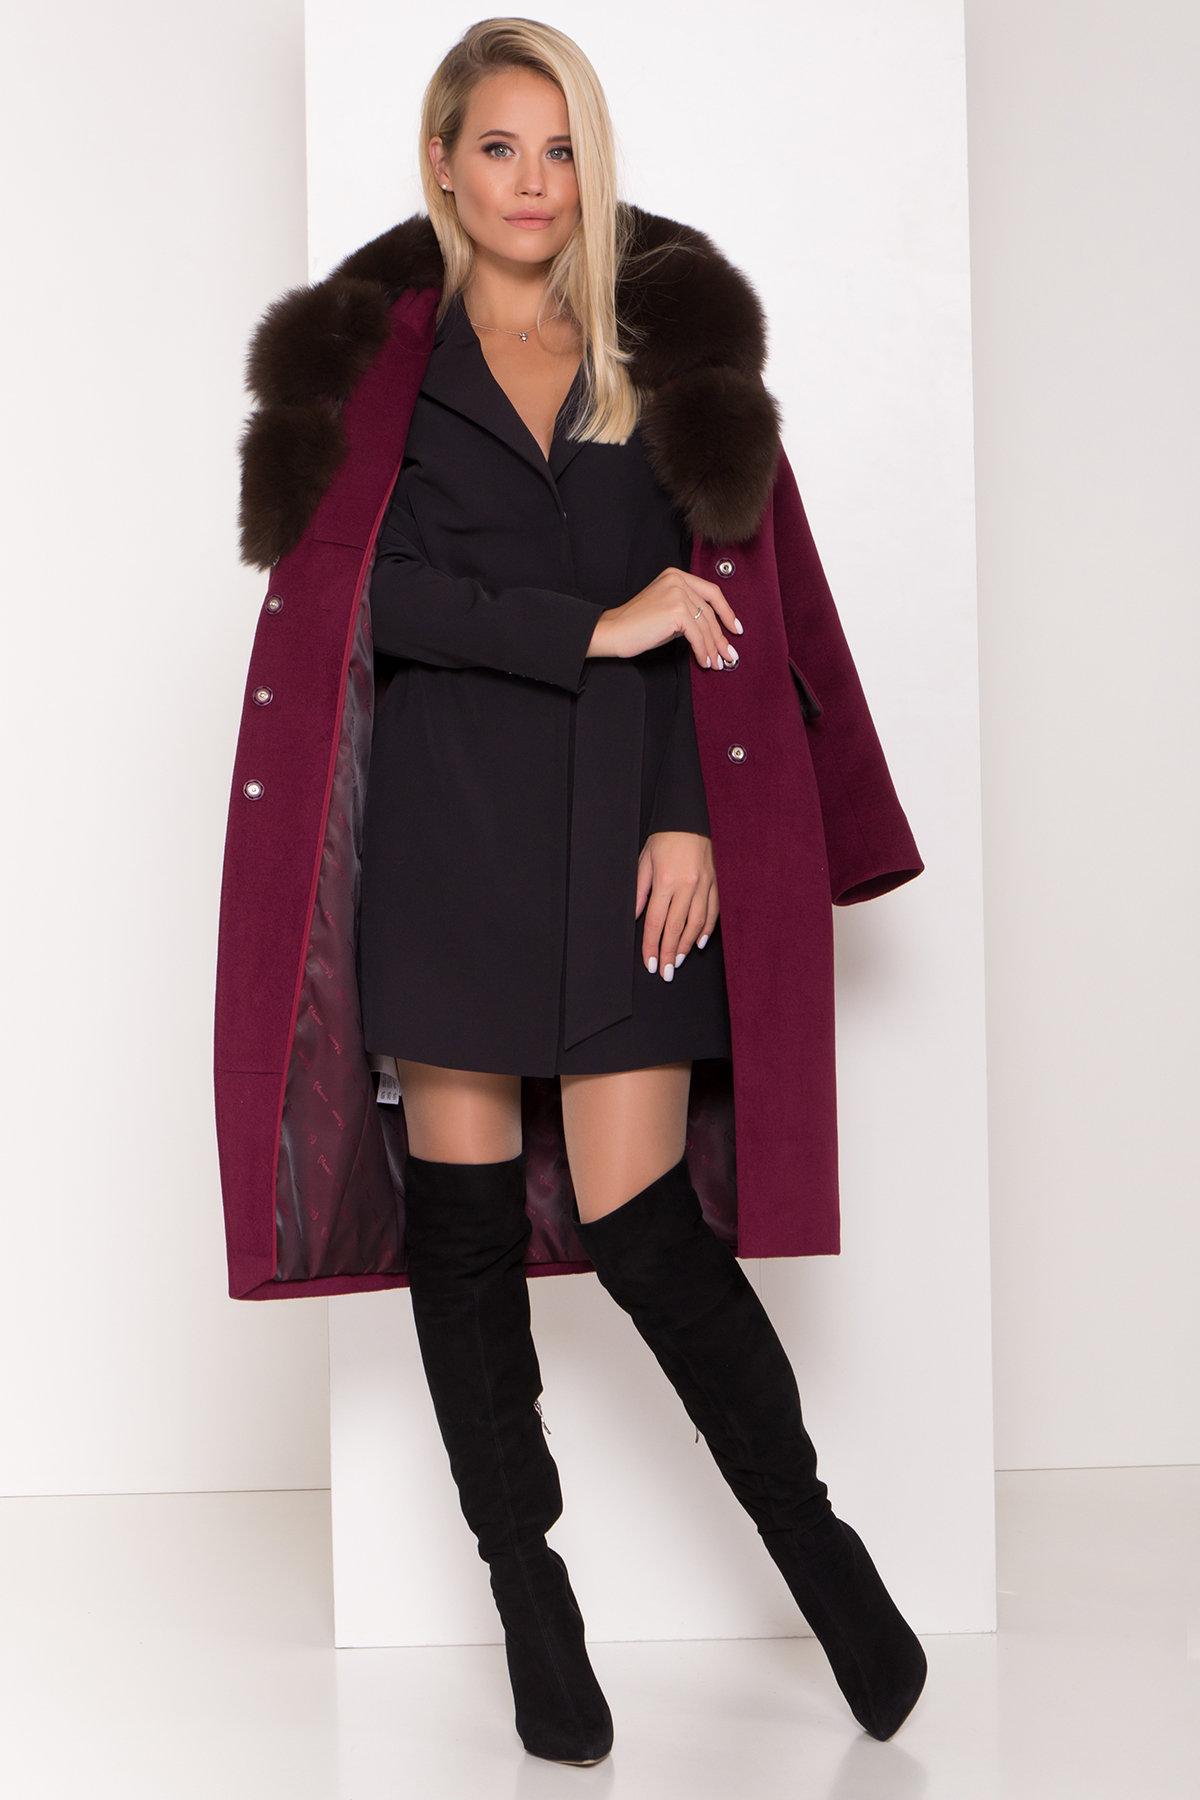 Стильное платье-жакет Маркиза 8095 Цвет: Черный